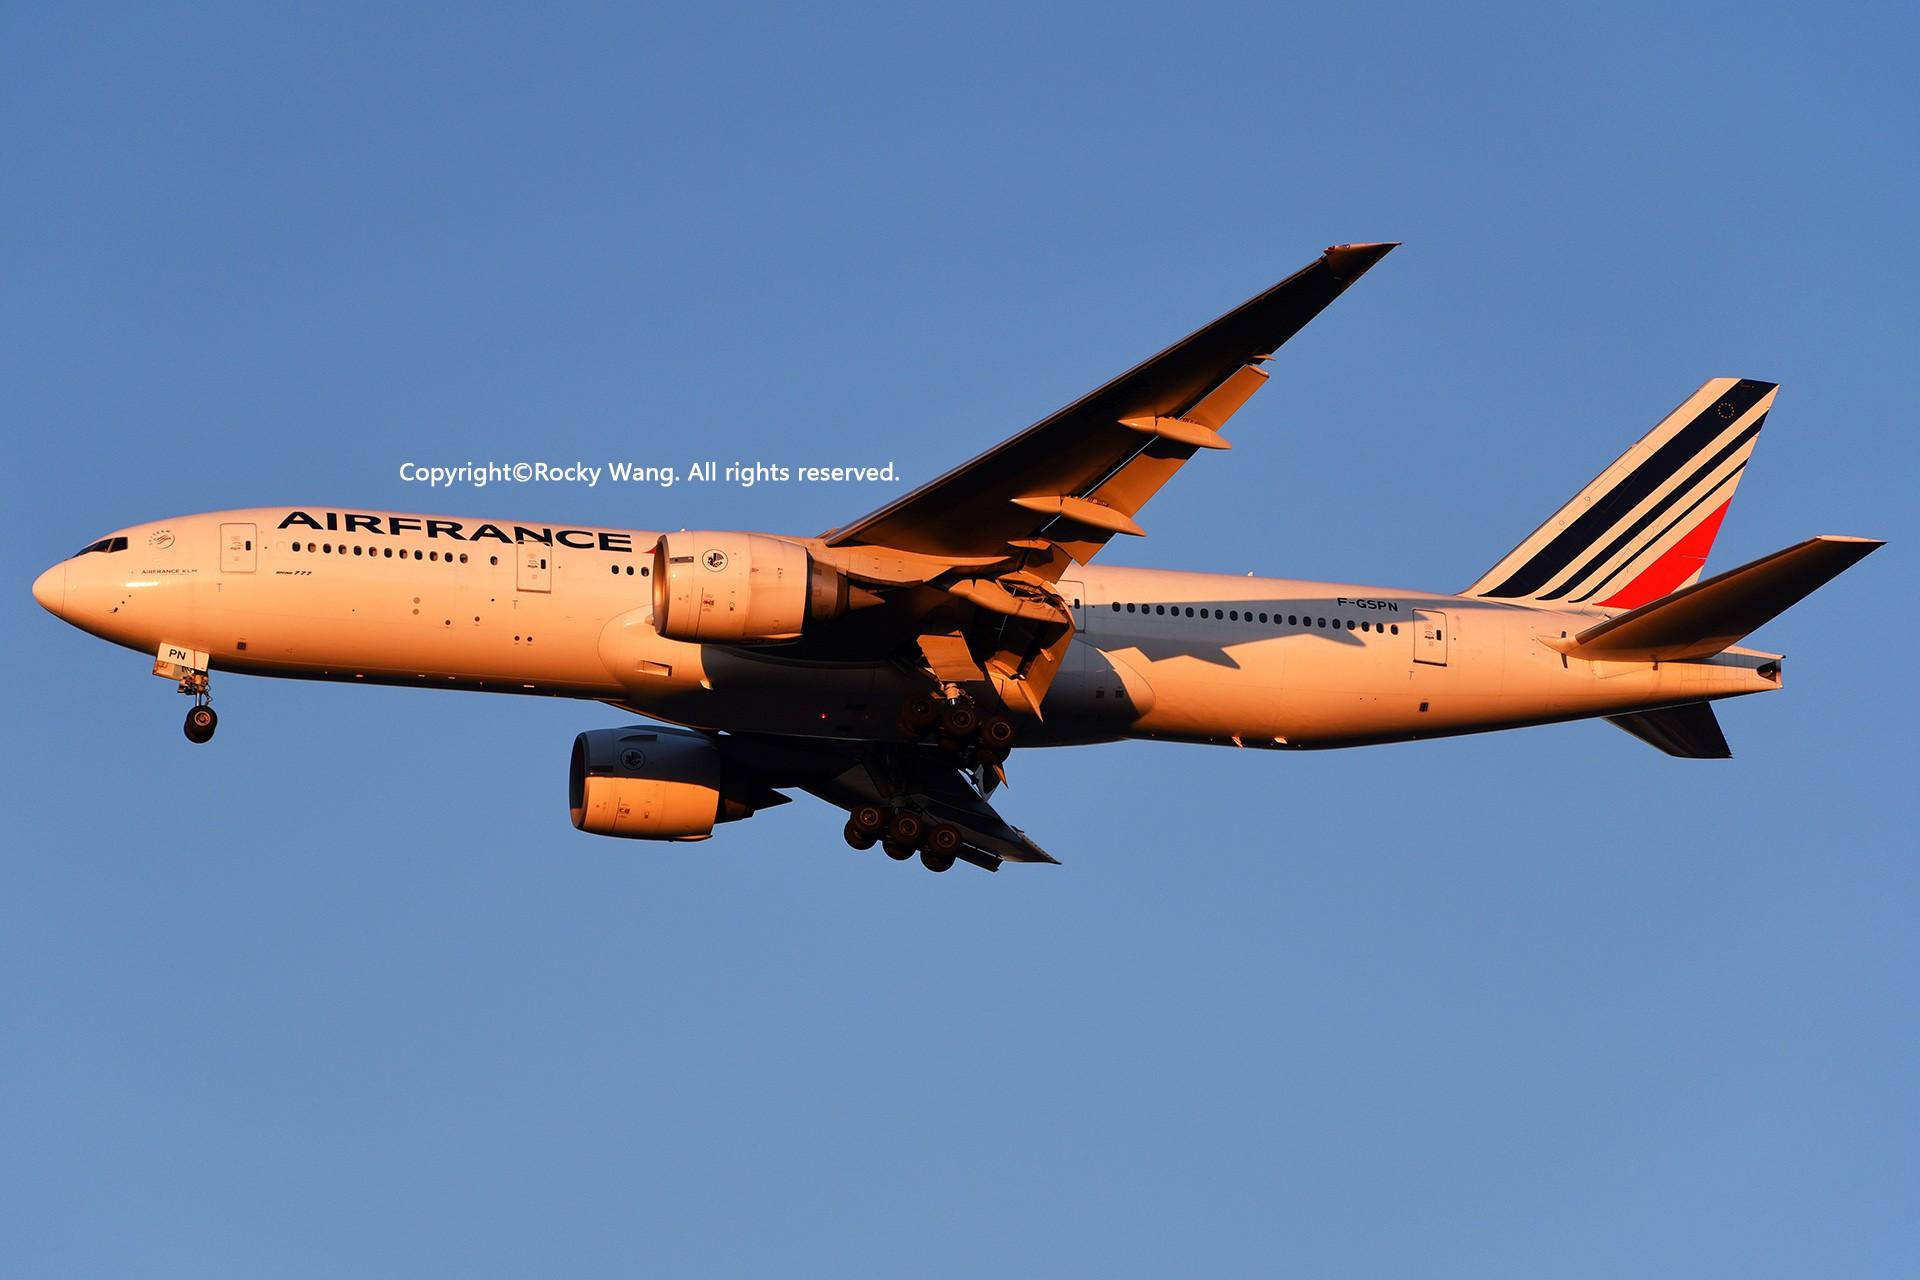 Re:[原创]KJFK 30图 BOEING 777-228(ER) F-GSPN New York John F. Kennedy Int'l Airport